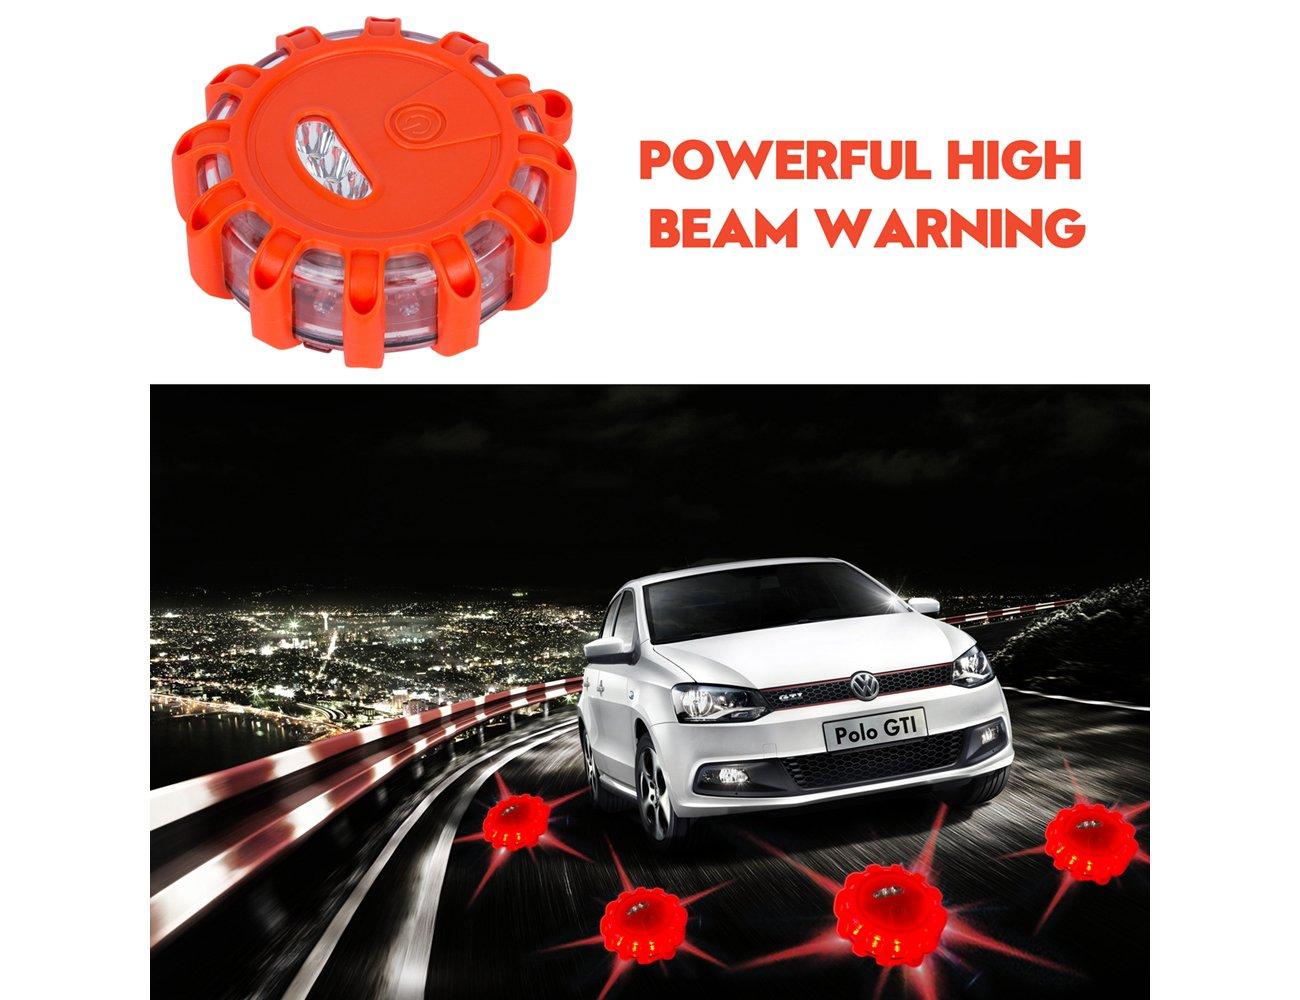 Boot Hakkin LKW Blinkendes LED-Warnlicht f/ür Auto mit Haken und magnetischem Sockel